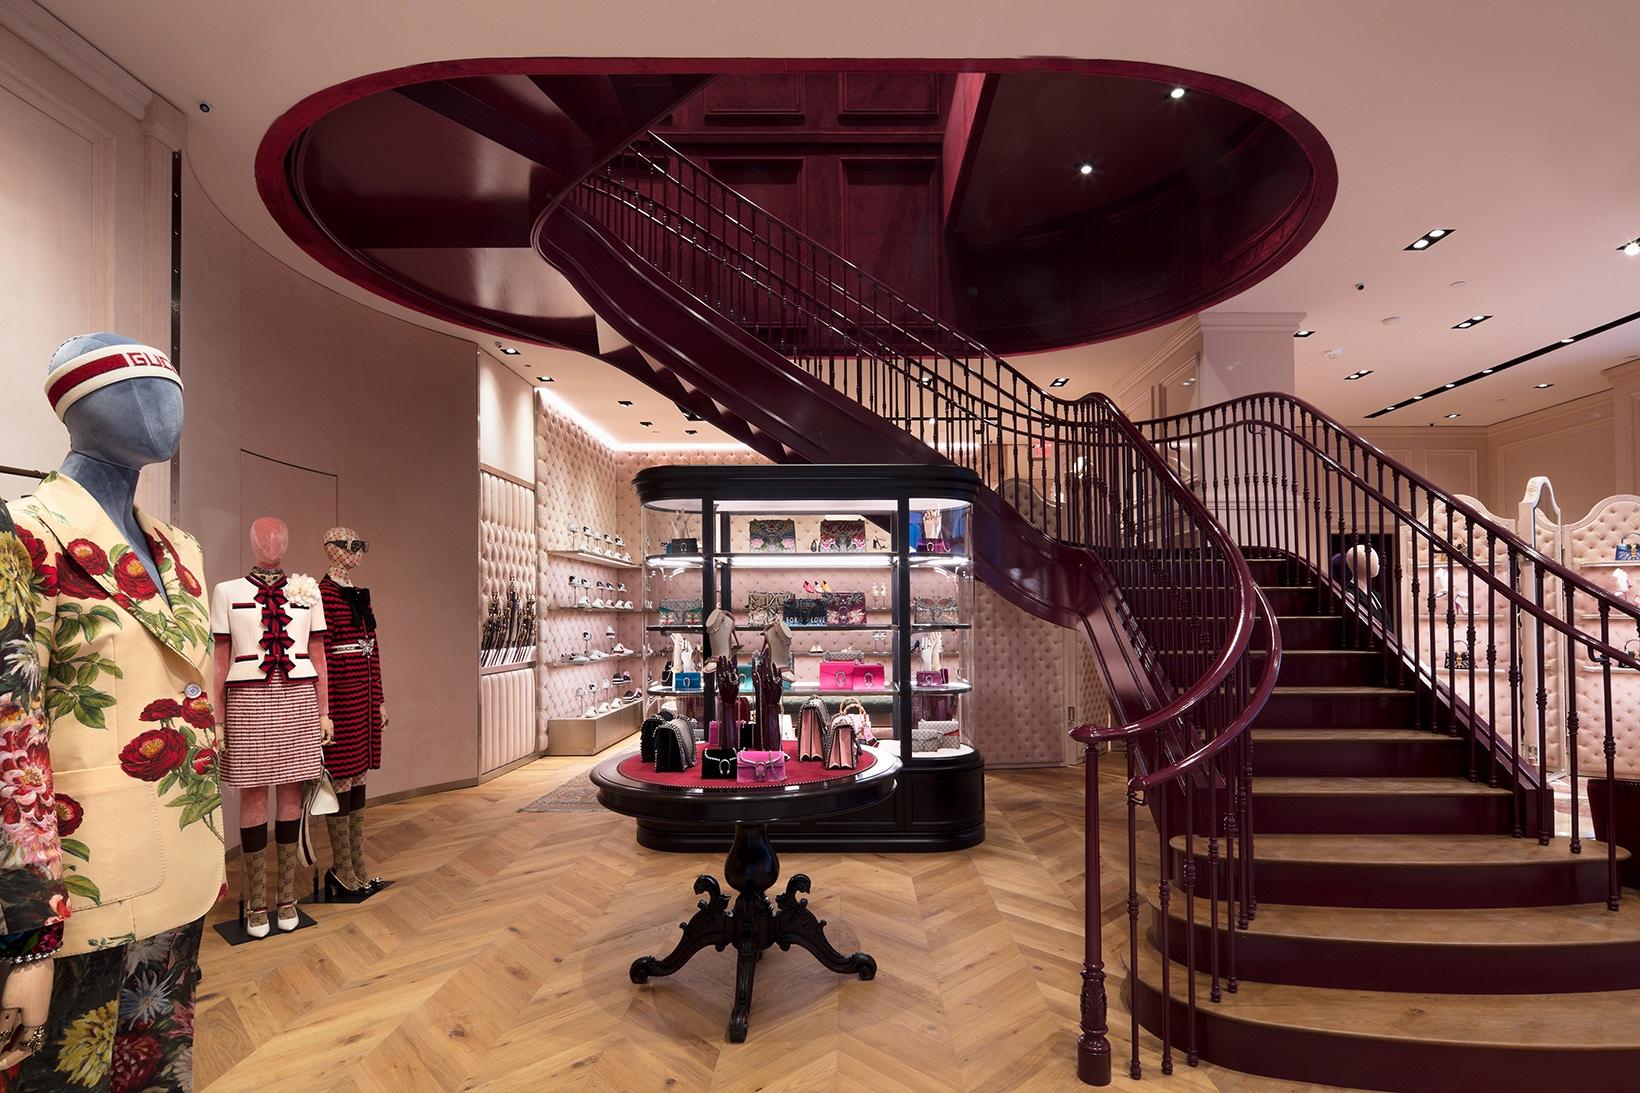 gucci-miami-design-district-store-5.jpg